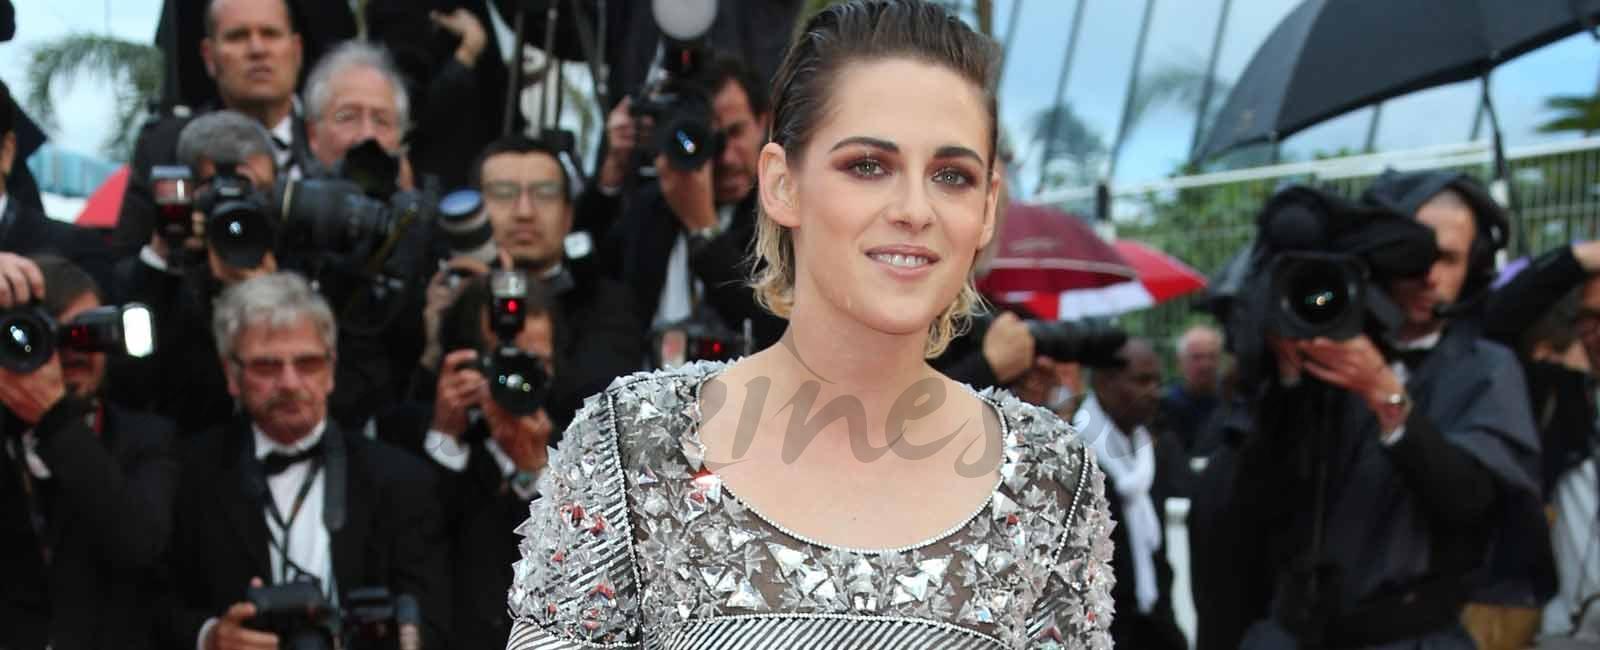 ¿Por qué va descalza Kristen Stewart por la alfombra roja de Cannes?